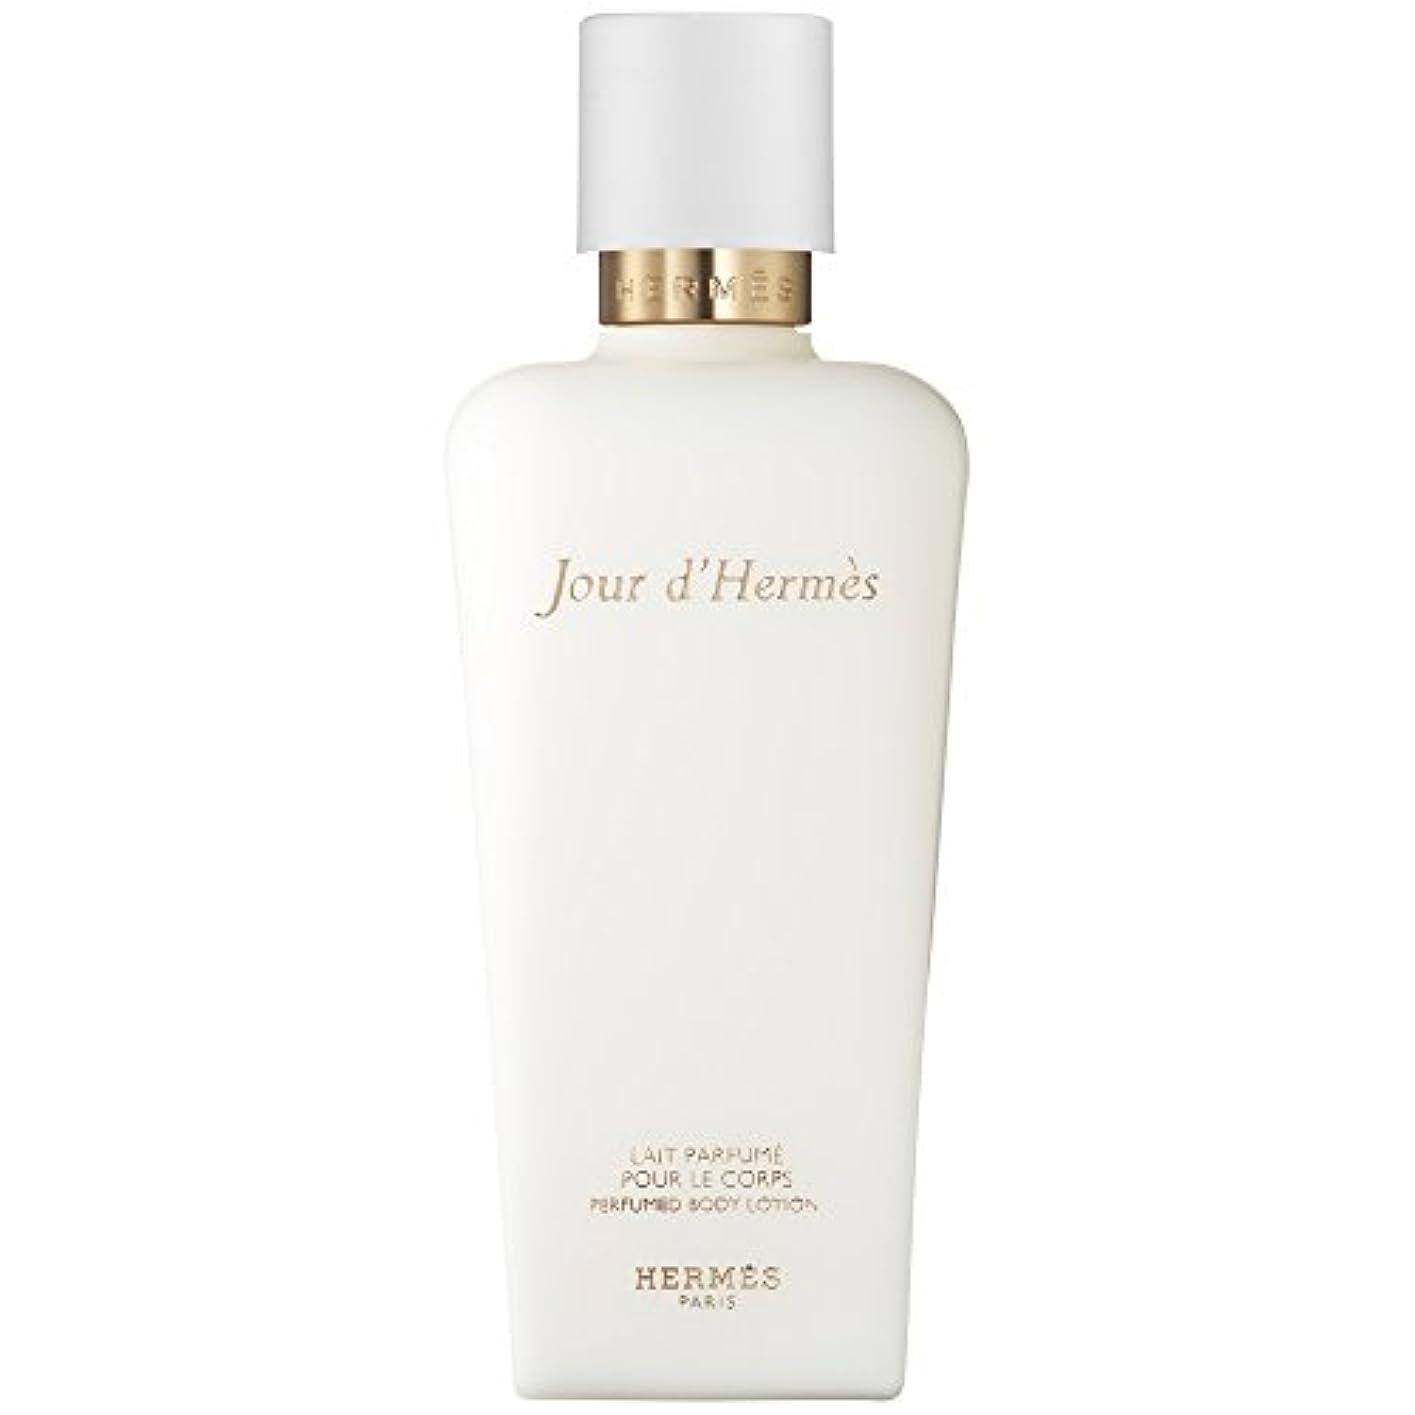 遠洋の収容する独占エルメスJourのドールエルメス賦香ボディローション200ミリリットル (HERM?S) (x6) - HERM?S Jour d'Herm?s Perfumed Body Lotion 200ml (Pack of 6...